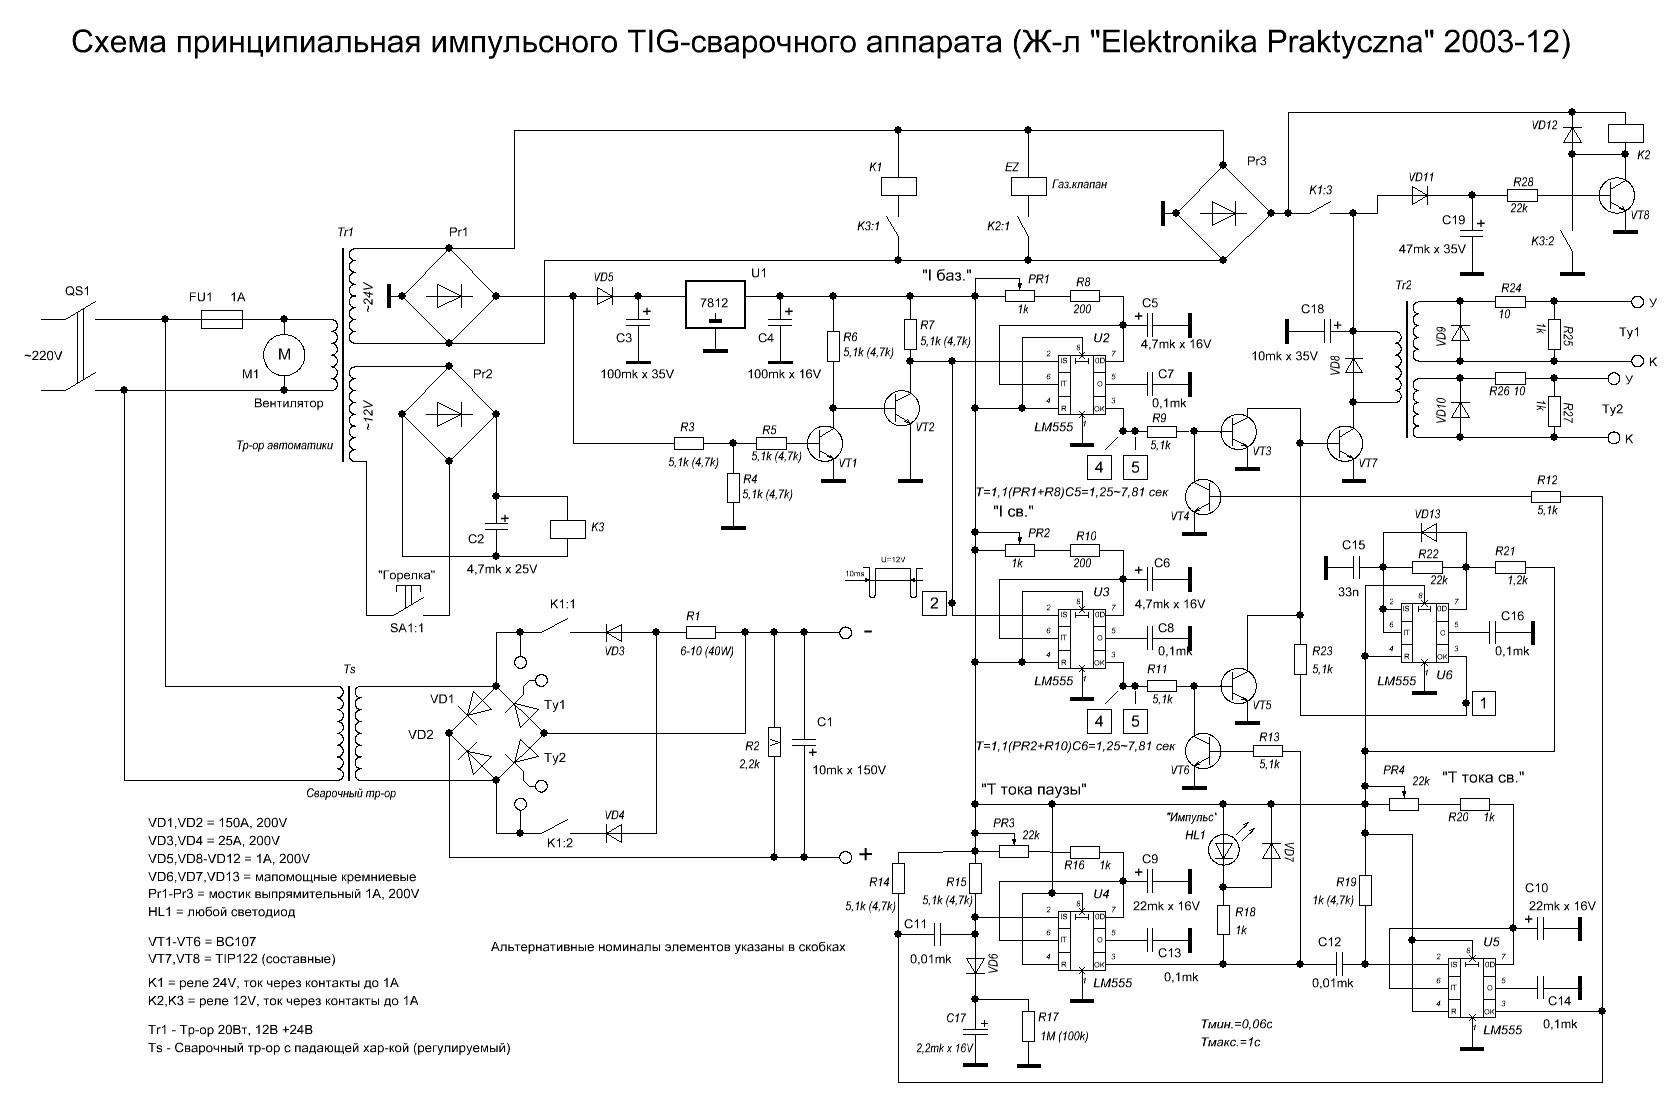 Порядок сборки самодельных сварочных инверторов своими руками, схемы и описание тестирования